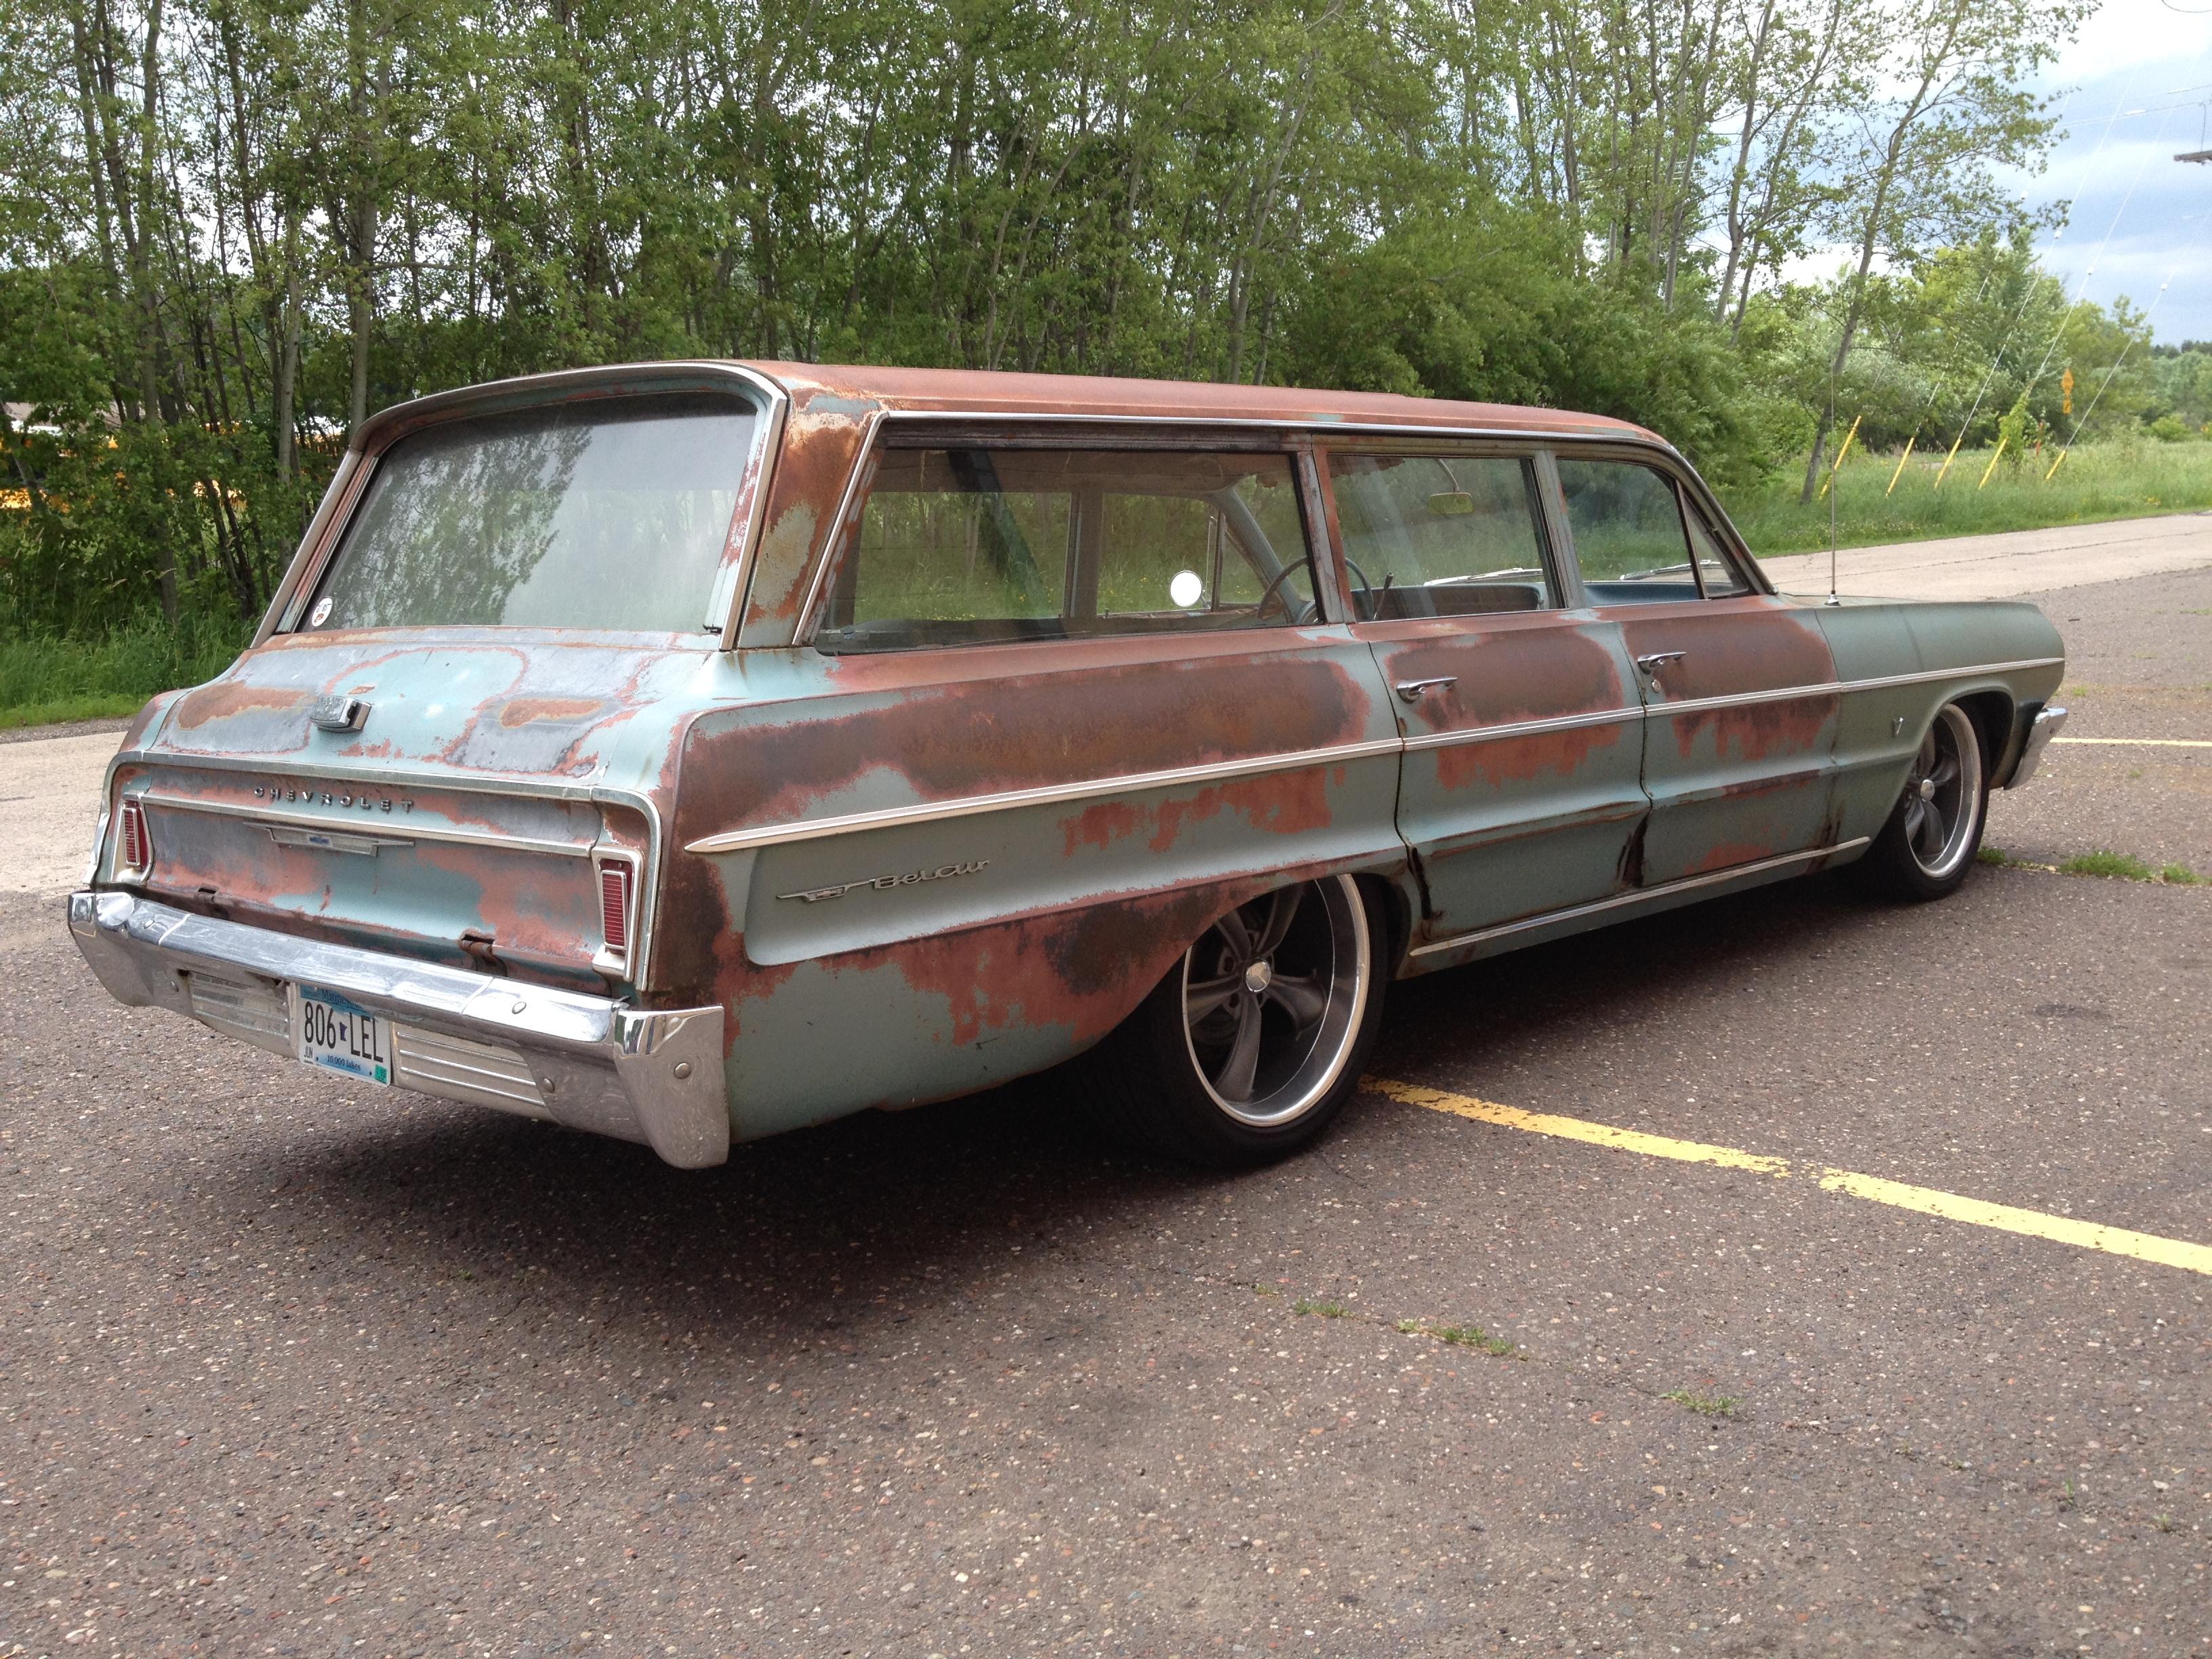 64 Belair Wagon